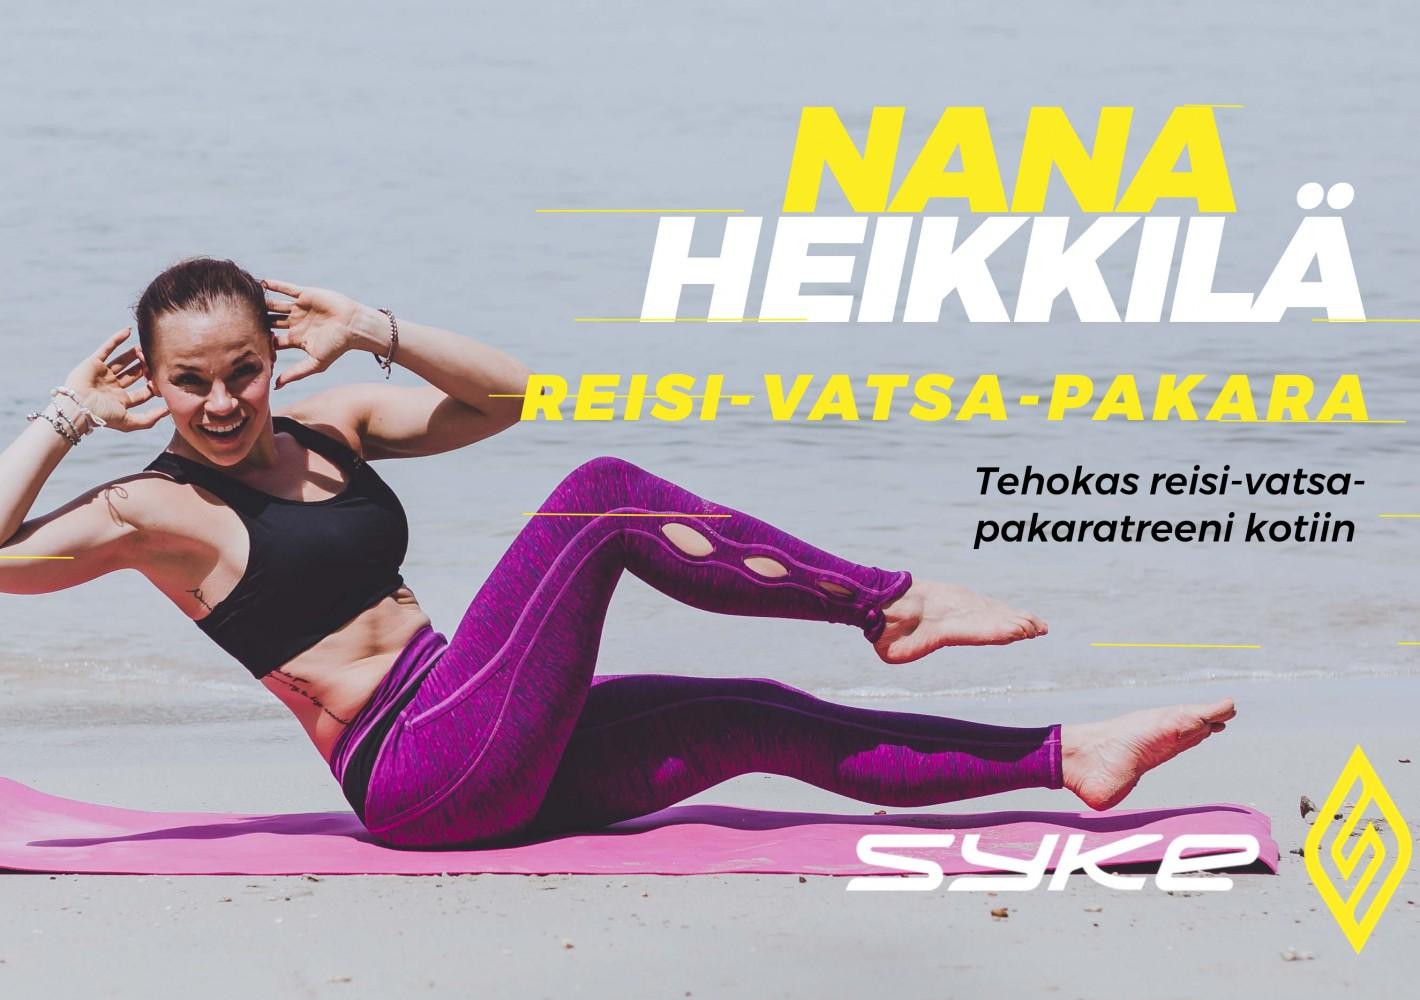 Tehokas reisi-vatsa-pakaratreeni kotiin by Nana Heikkilä